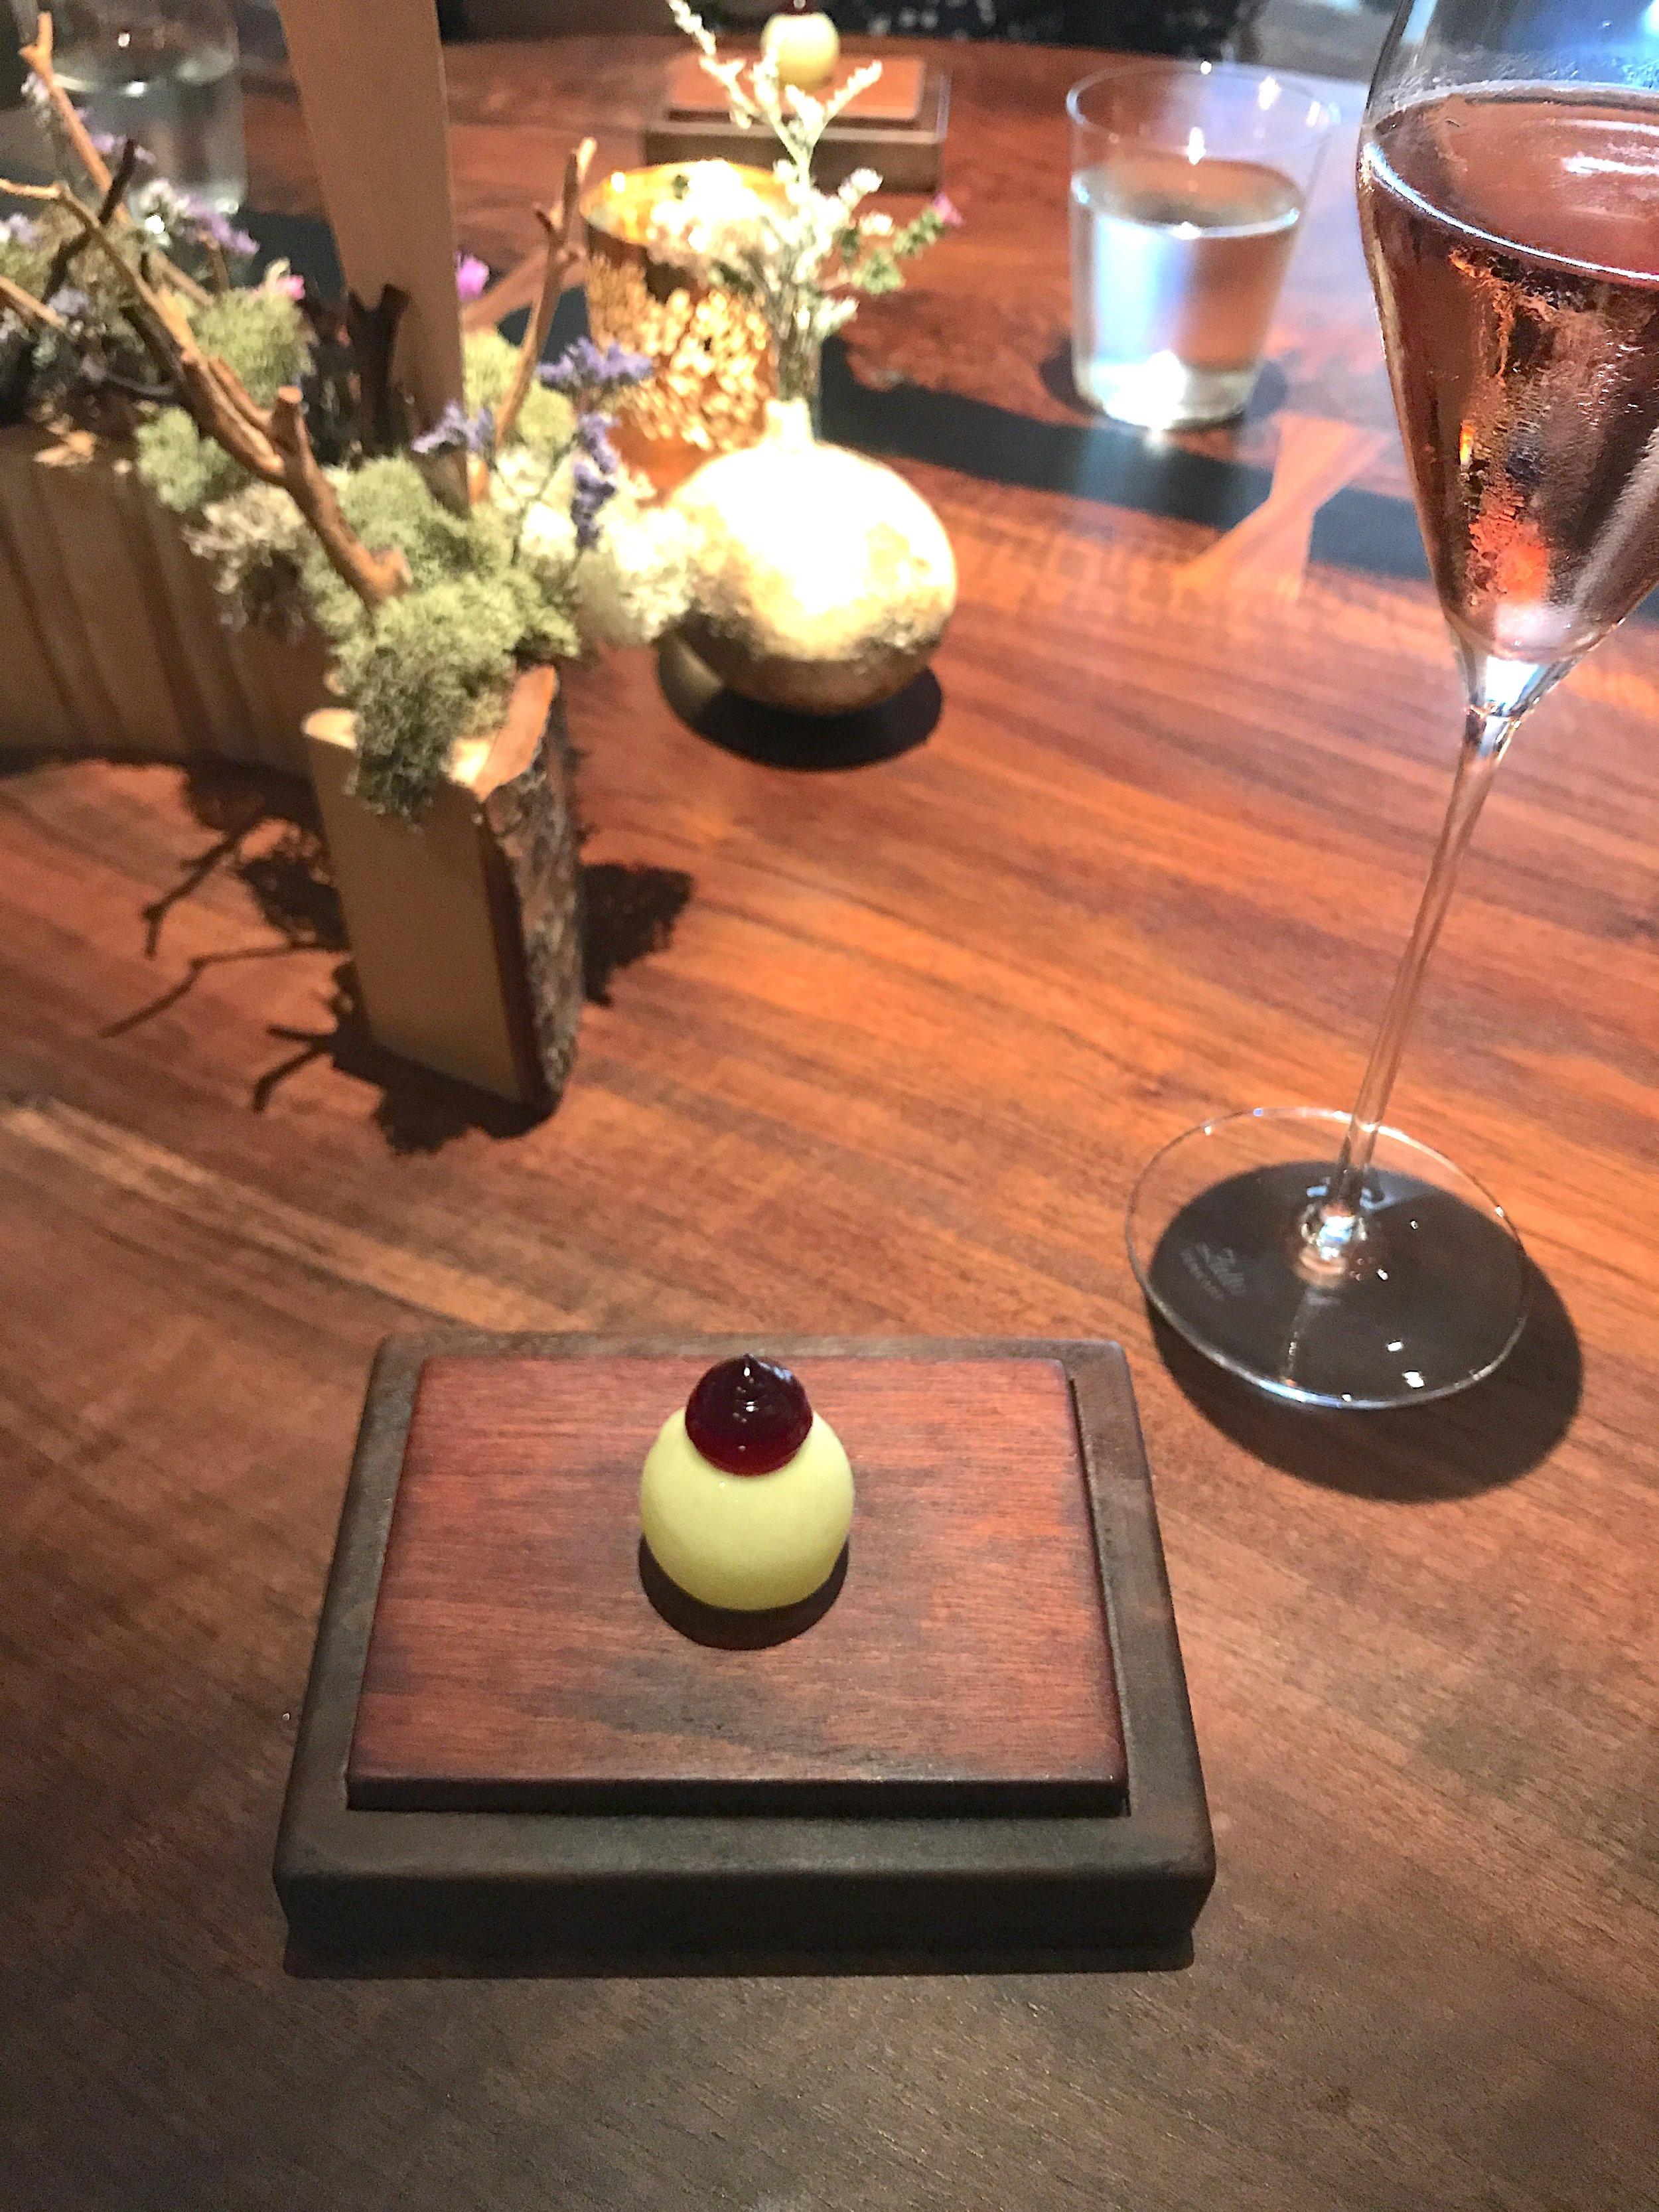 改良自法式传统鸡尾酒Kir Royale皇家吉尔,白巧克力包裹苹果西打。上菜小哥特别提醒,吃的时候一口而入,切记闭嘴。因为外裹的白巧克力玲珑薄脆,入口即爆。口感也是相当清新酸爽的。